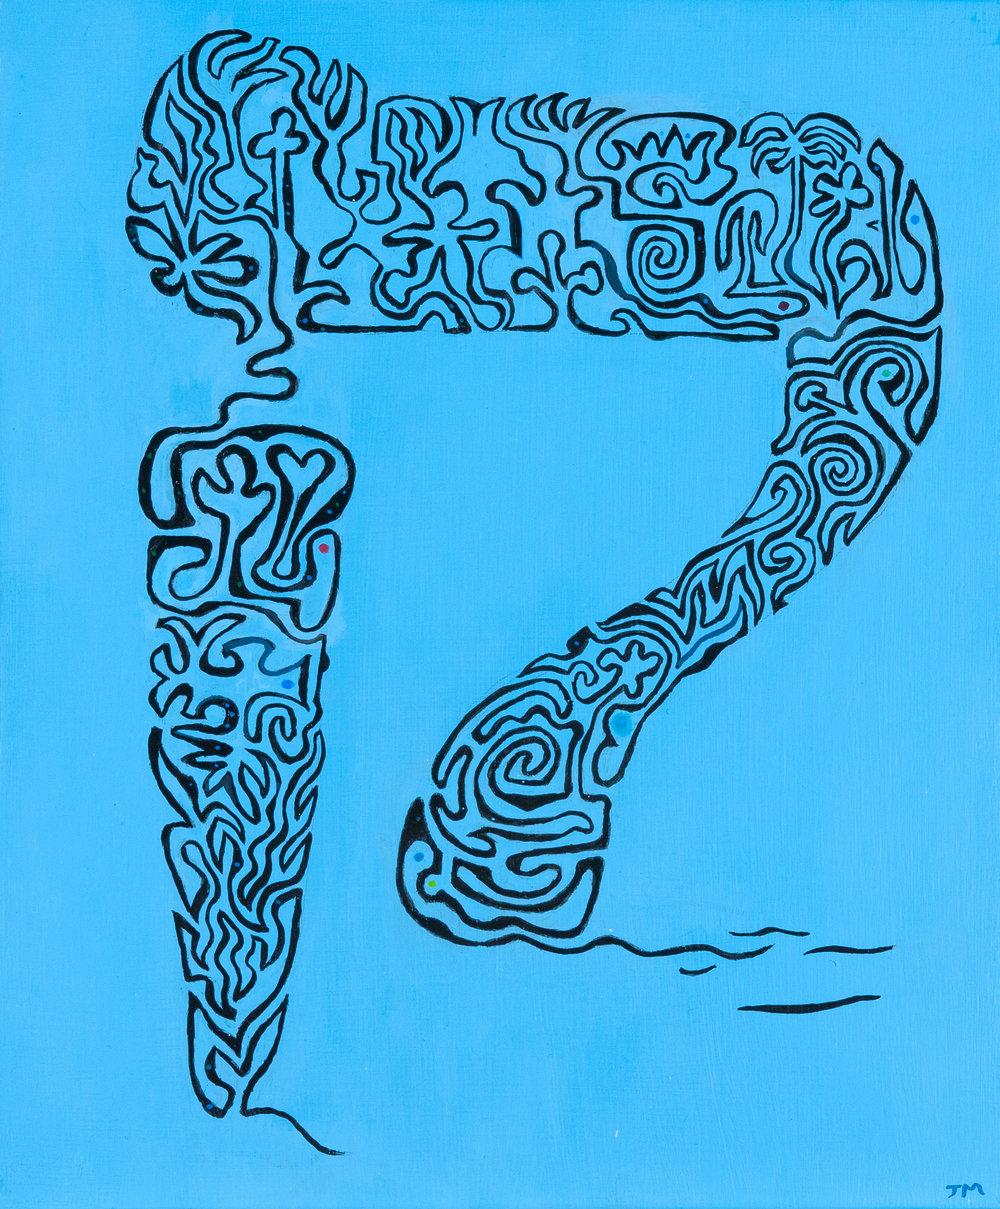 Joel Moskowitz,  Hebrew   Qoof,  Acrylic on wood panel, 10x10